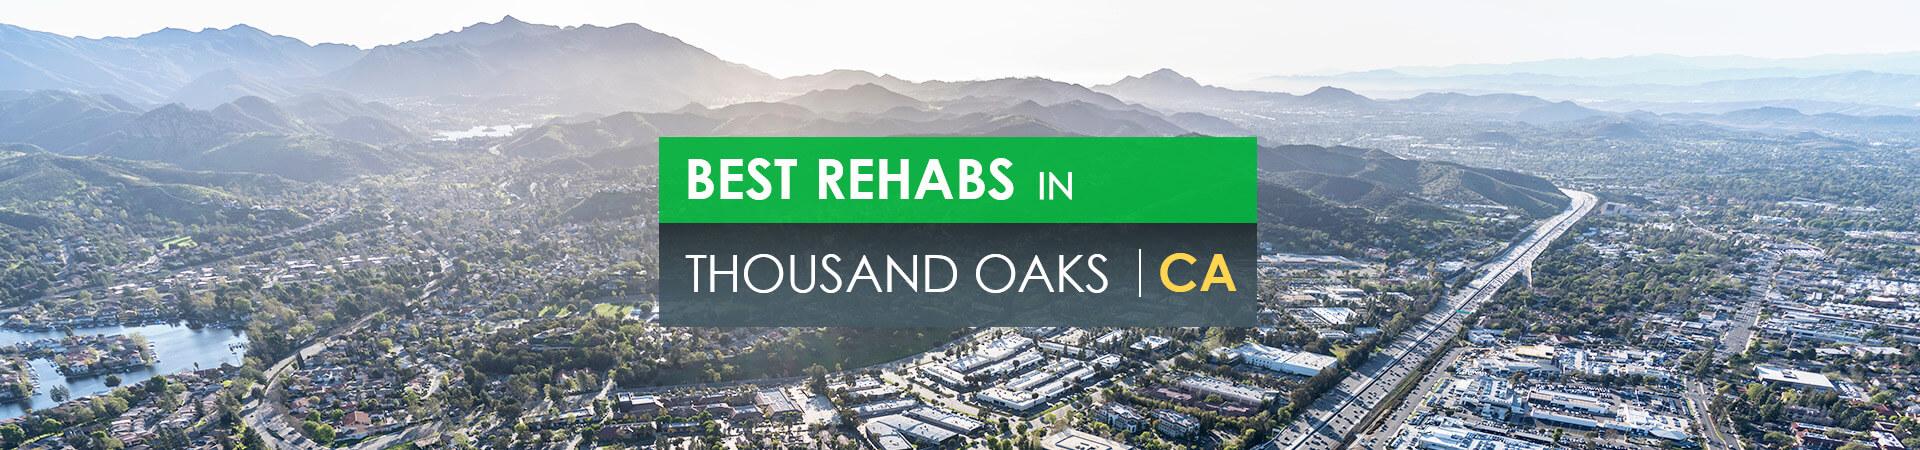 Best rehabs in Thousand Oaks, CA